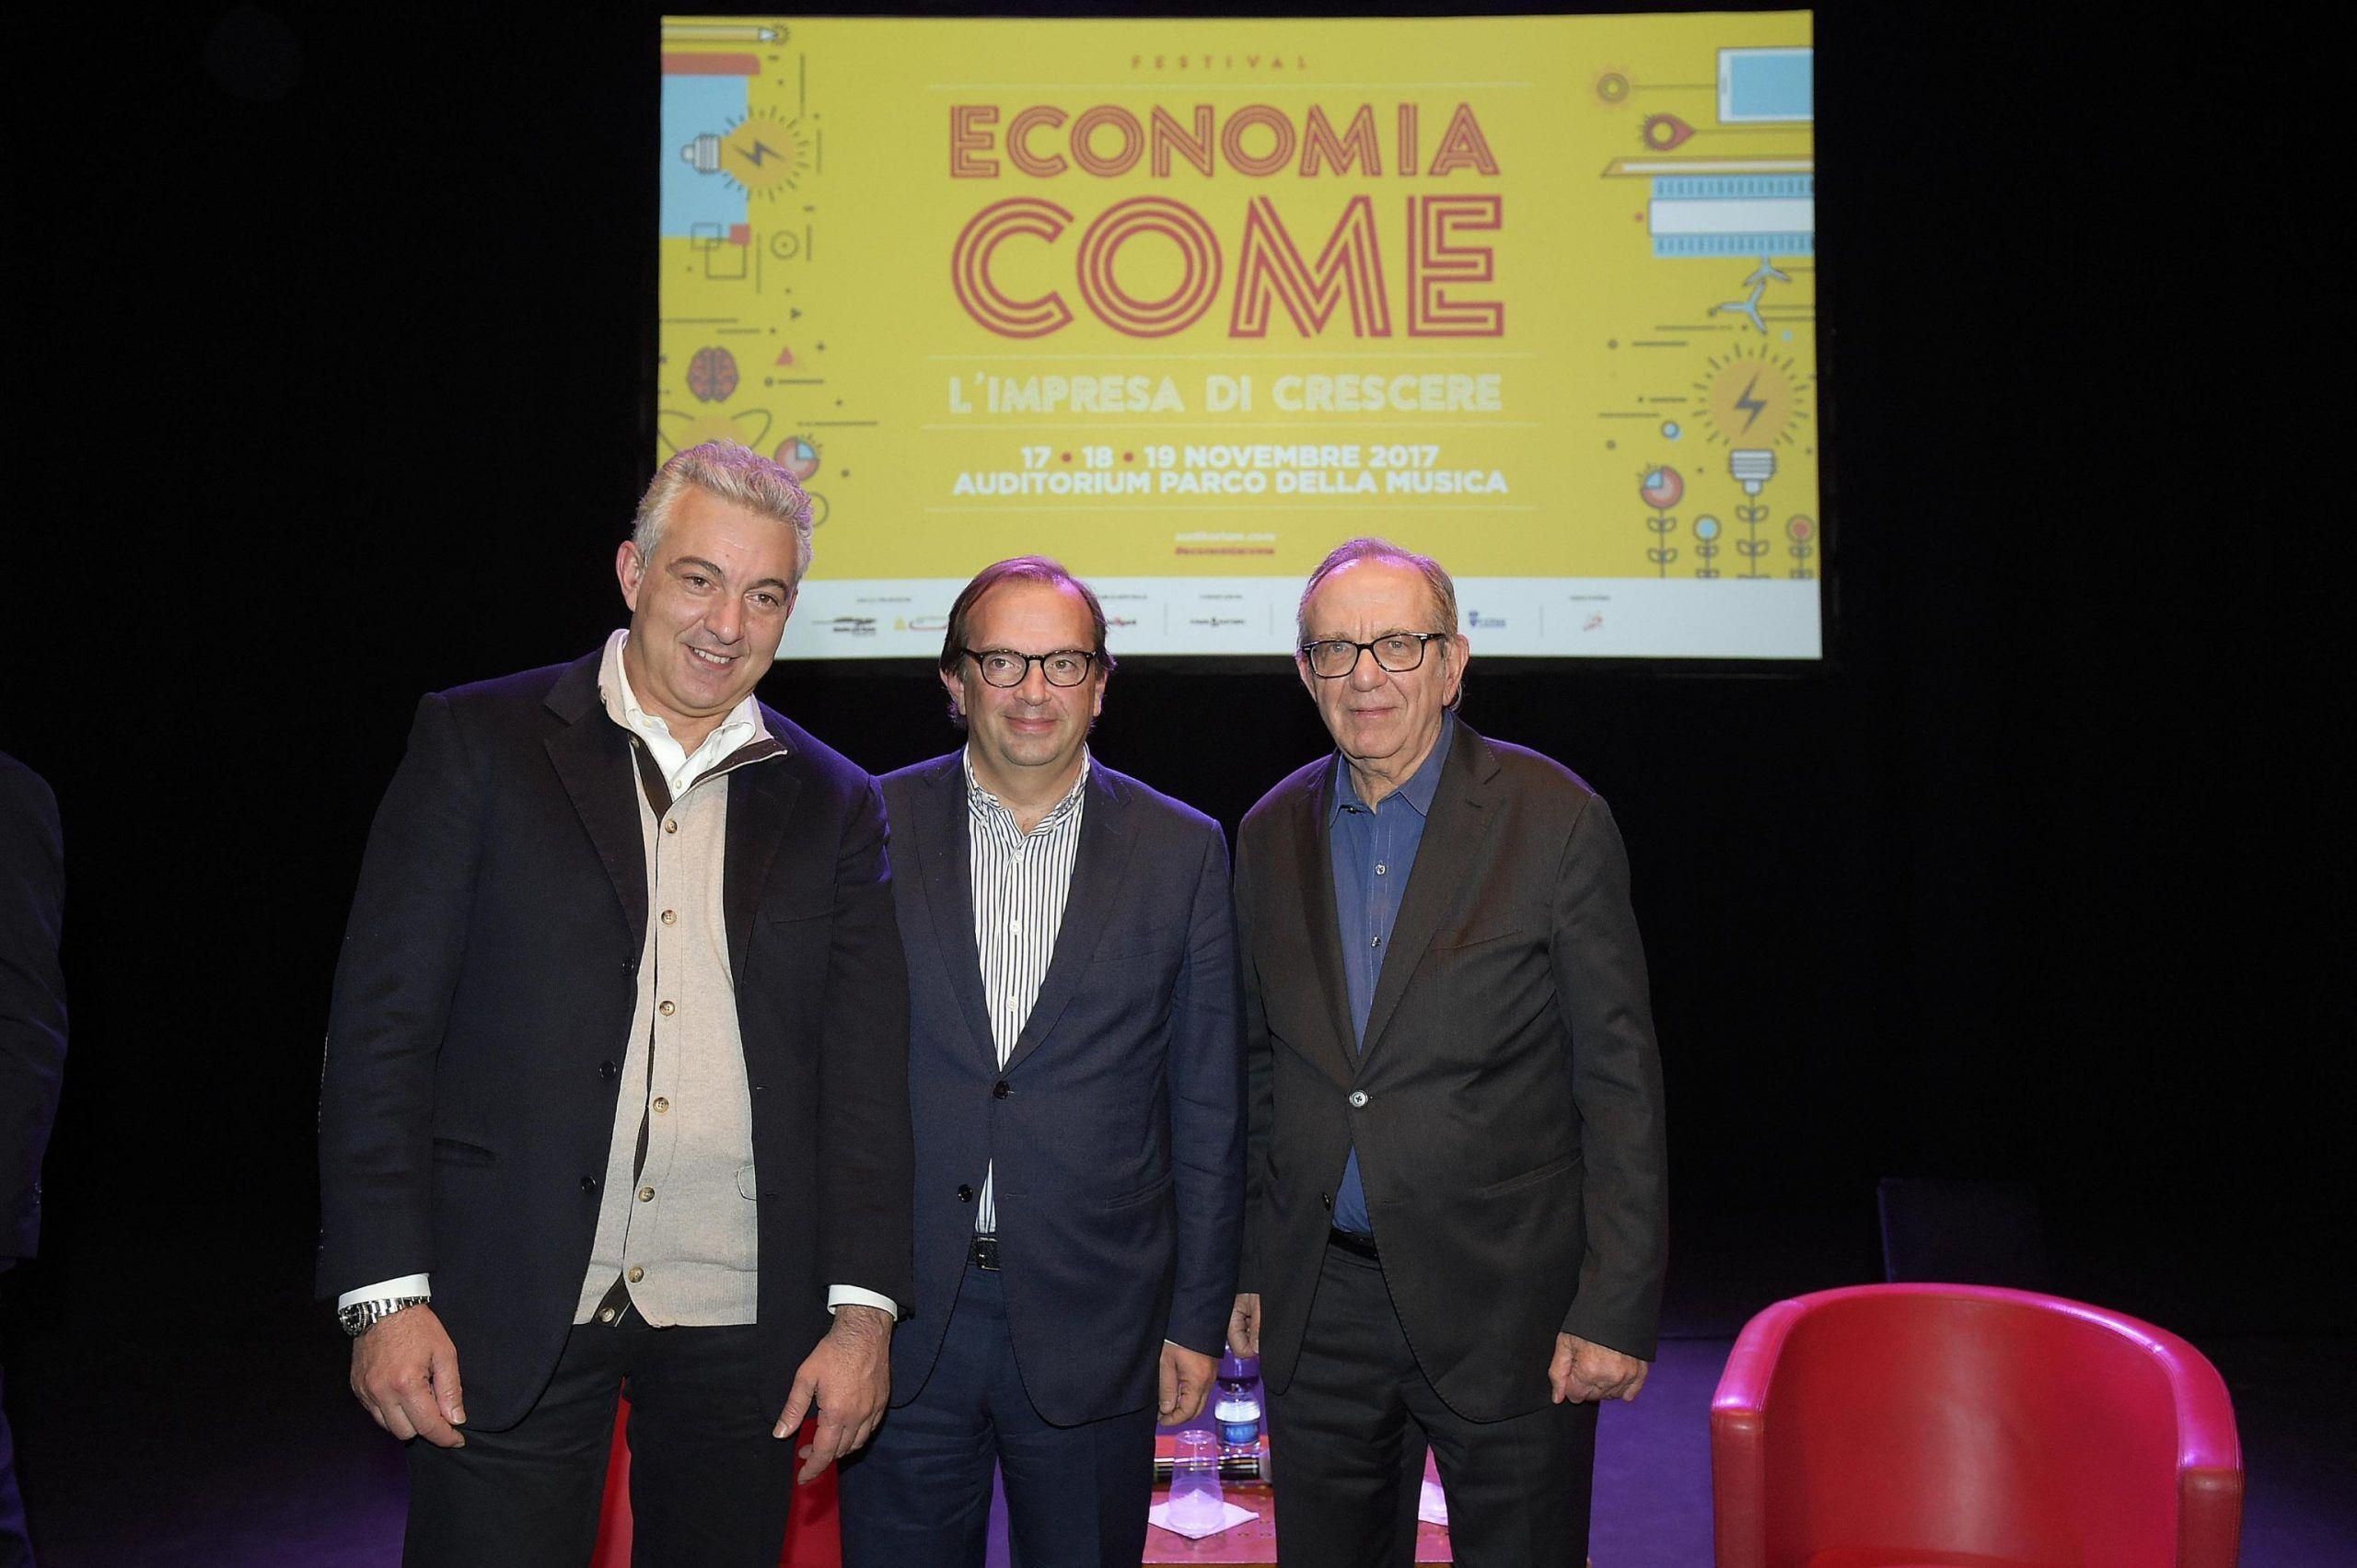 economia come festival